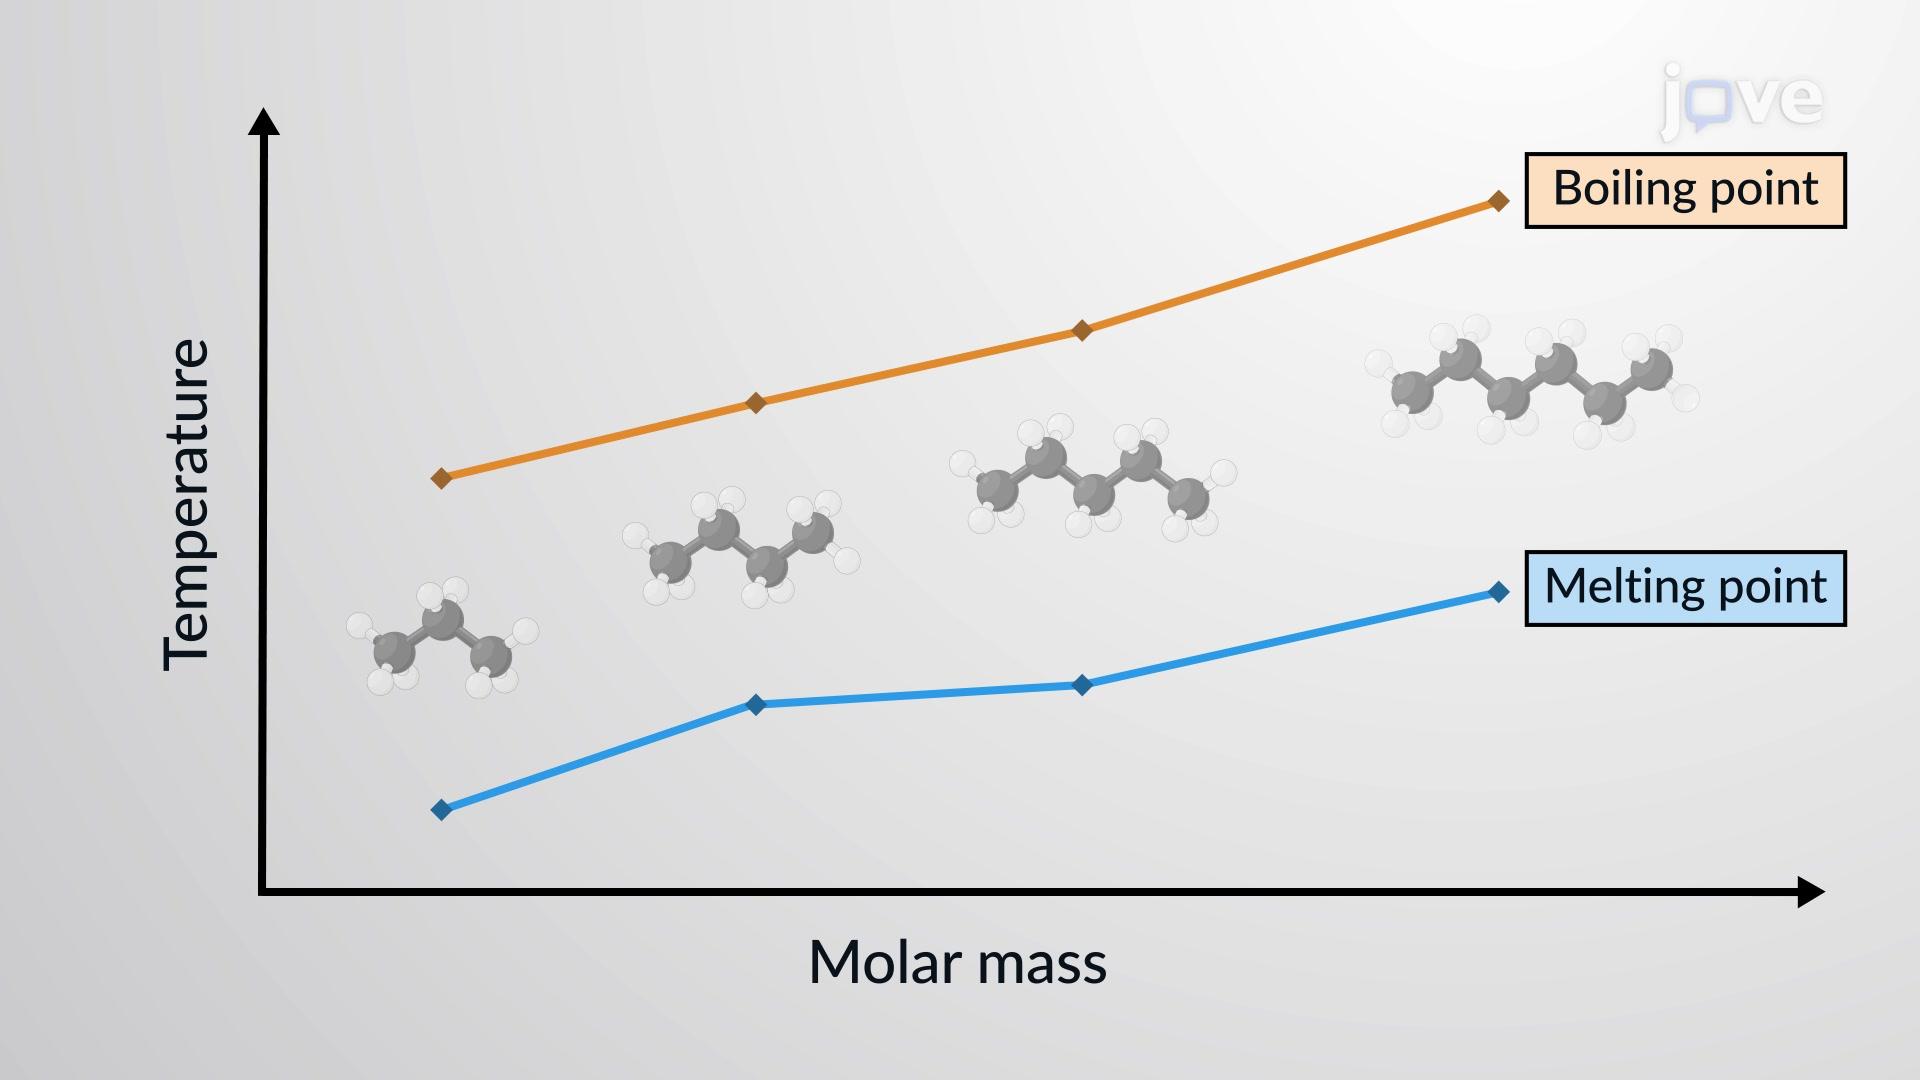 분자 간 힘의 비교: 녹는점(융점), 끓는점(비등점), 혼화성